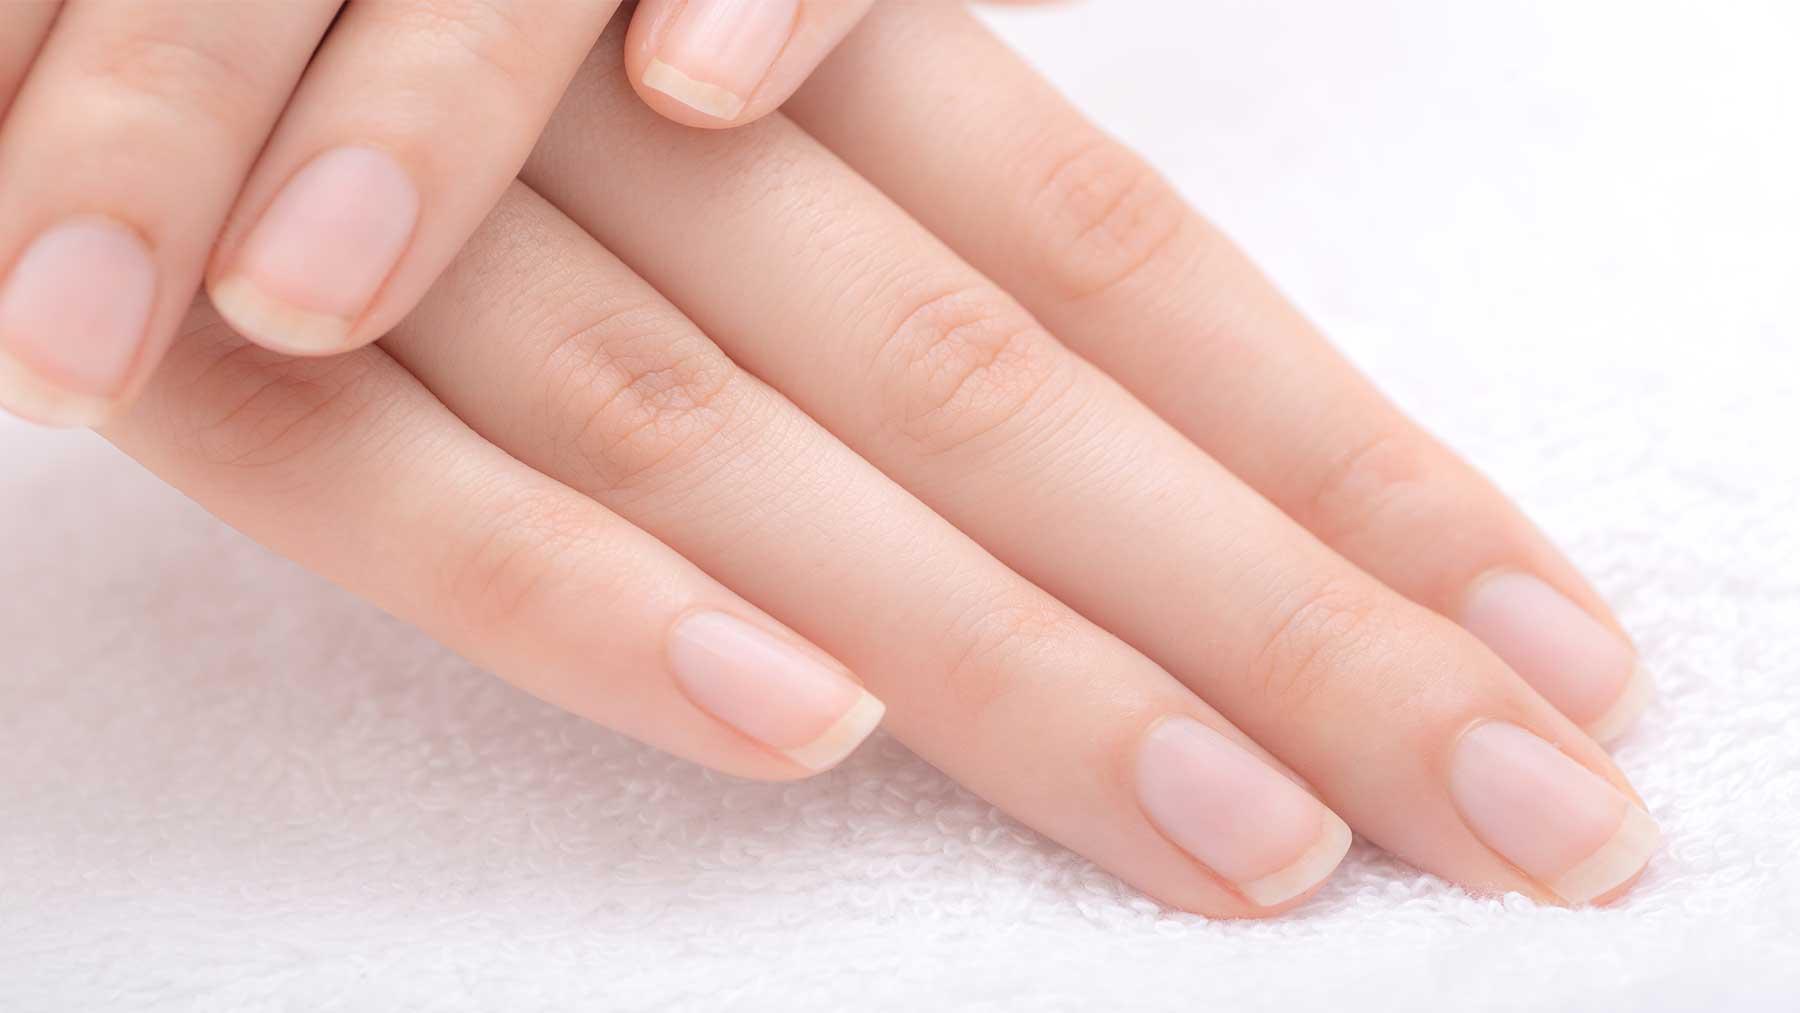 راهکارهایی برای داشتن ناخنهای سالم